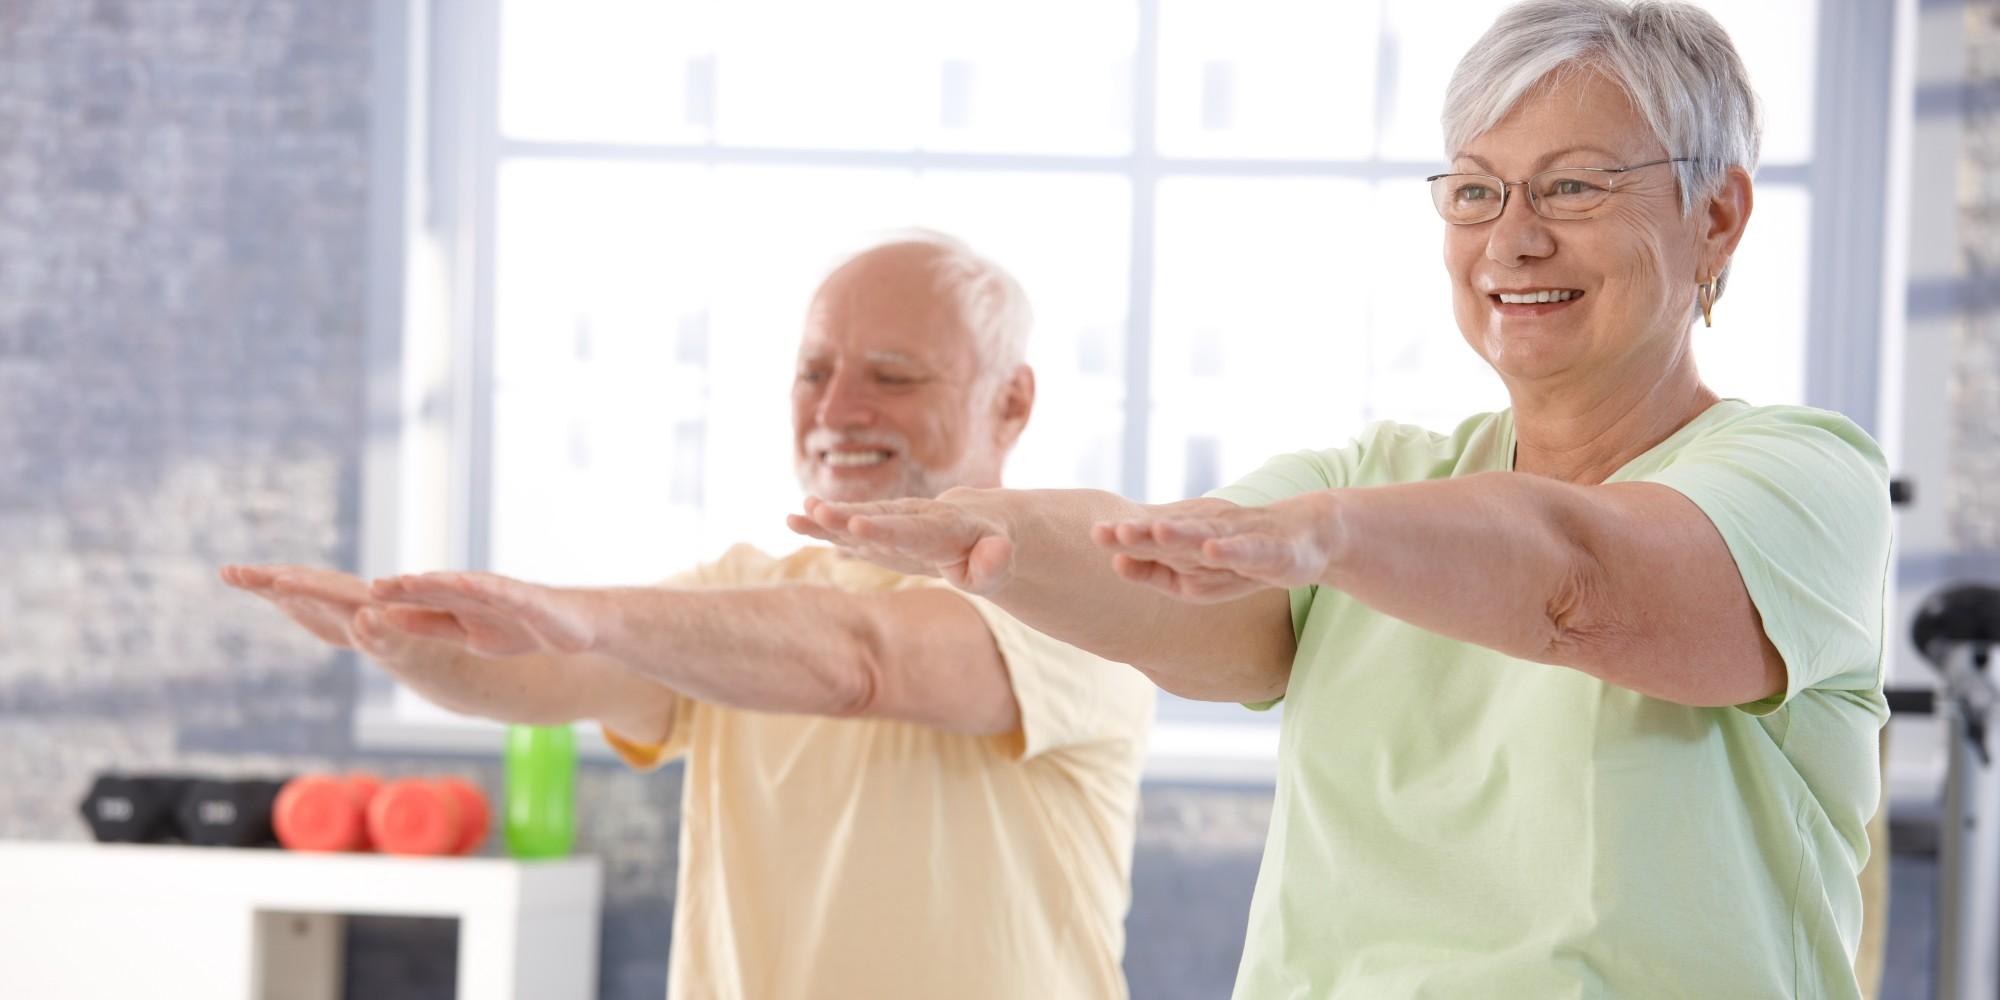 El ejercicio y una alimentación rica en calcio y vitamina D, claves para reducir el impacto de la osteoporosis